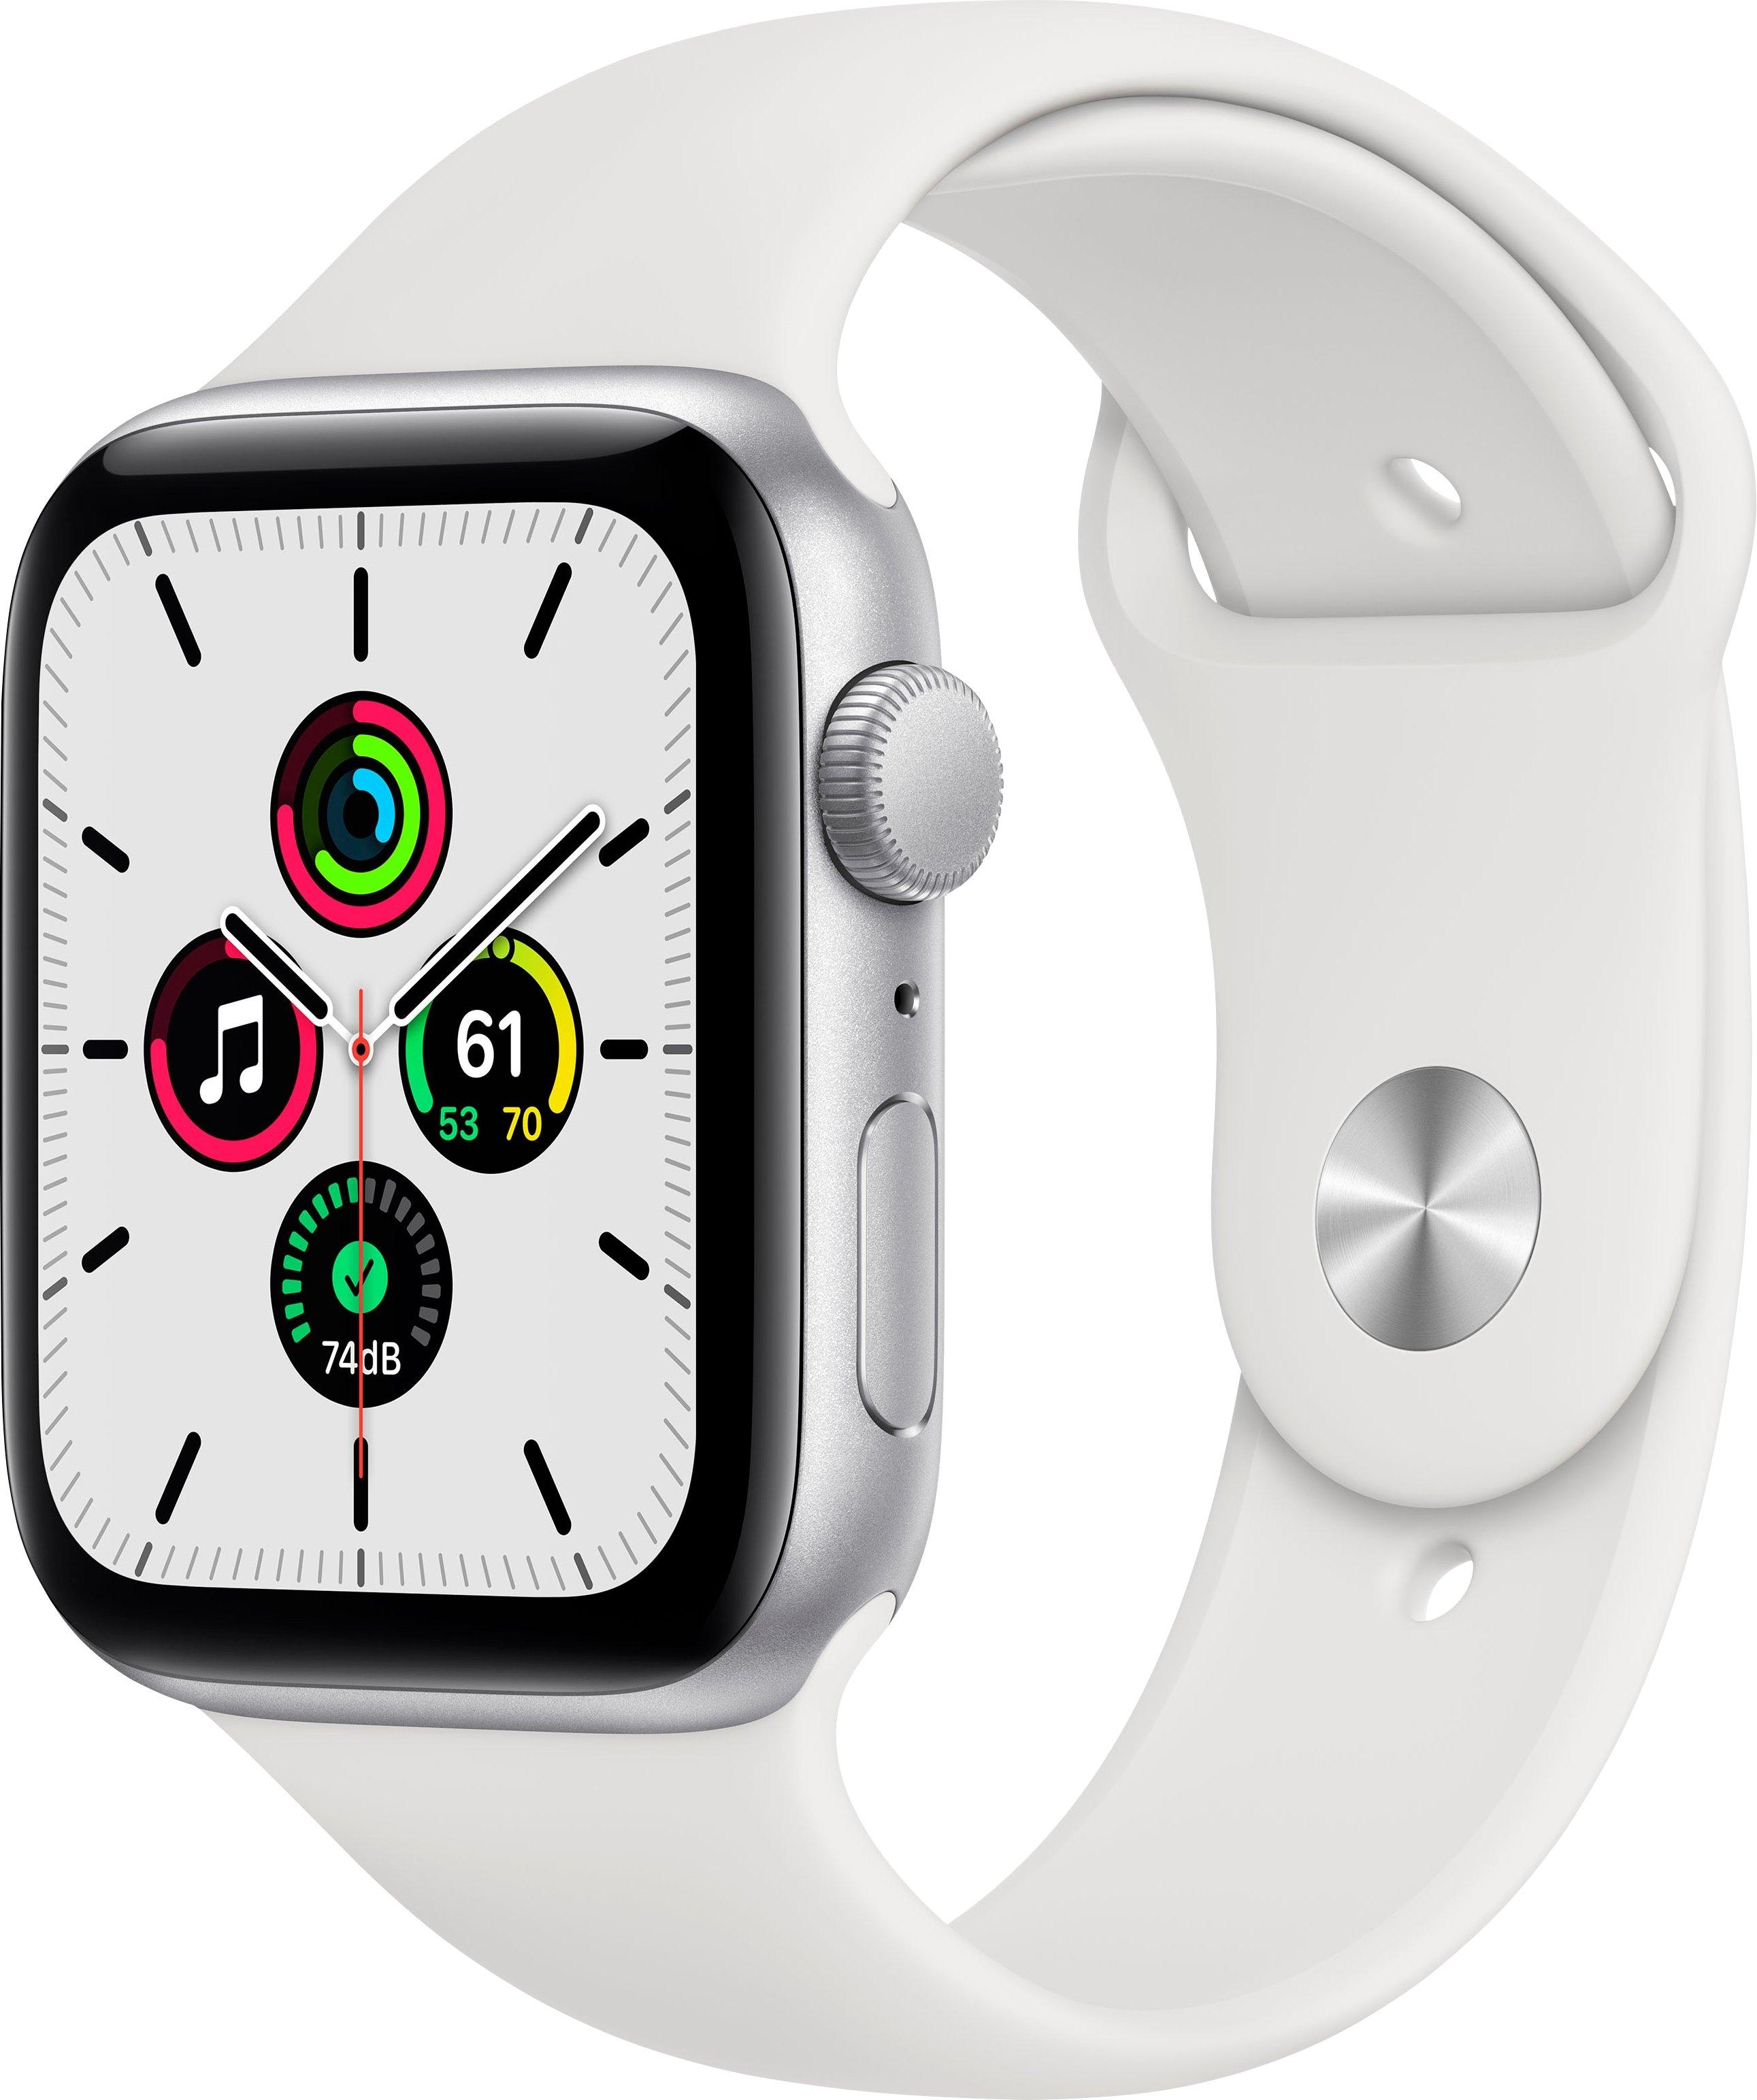 Apple watch SE gps, aluminium kast met sportbandje 44 mm inclusief oplaadstation (magnetische oplaadkabel) - gratis ruilen op otto.nl